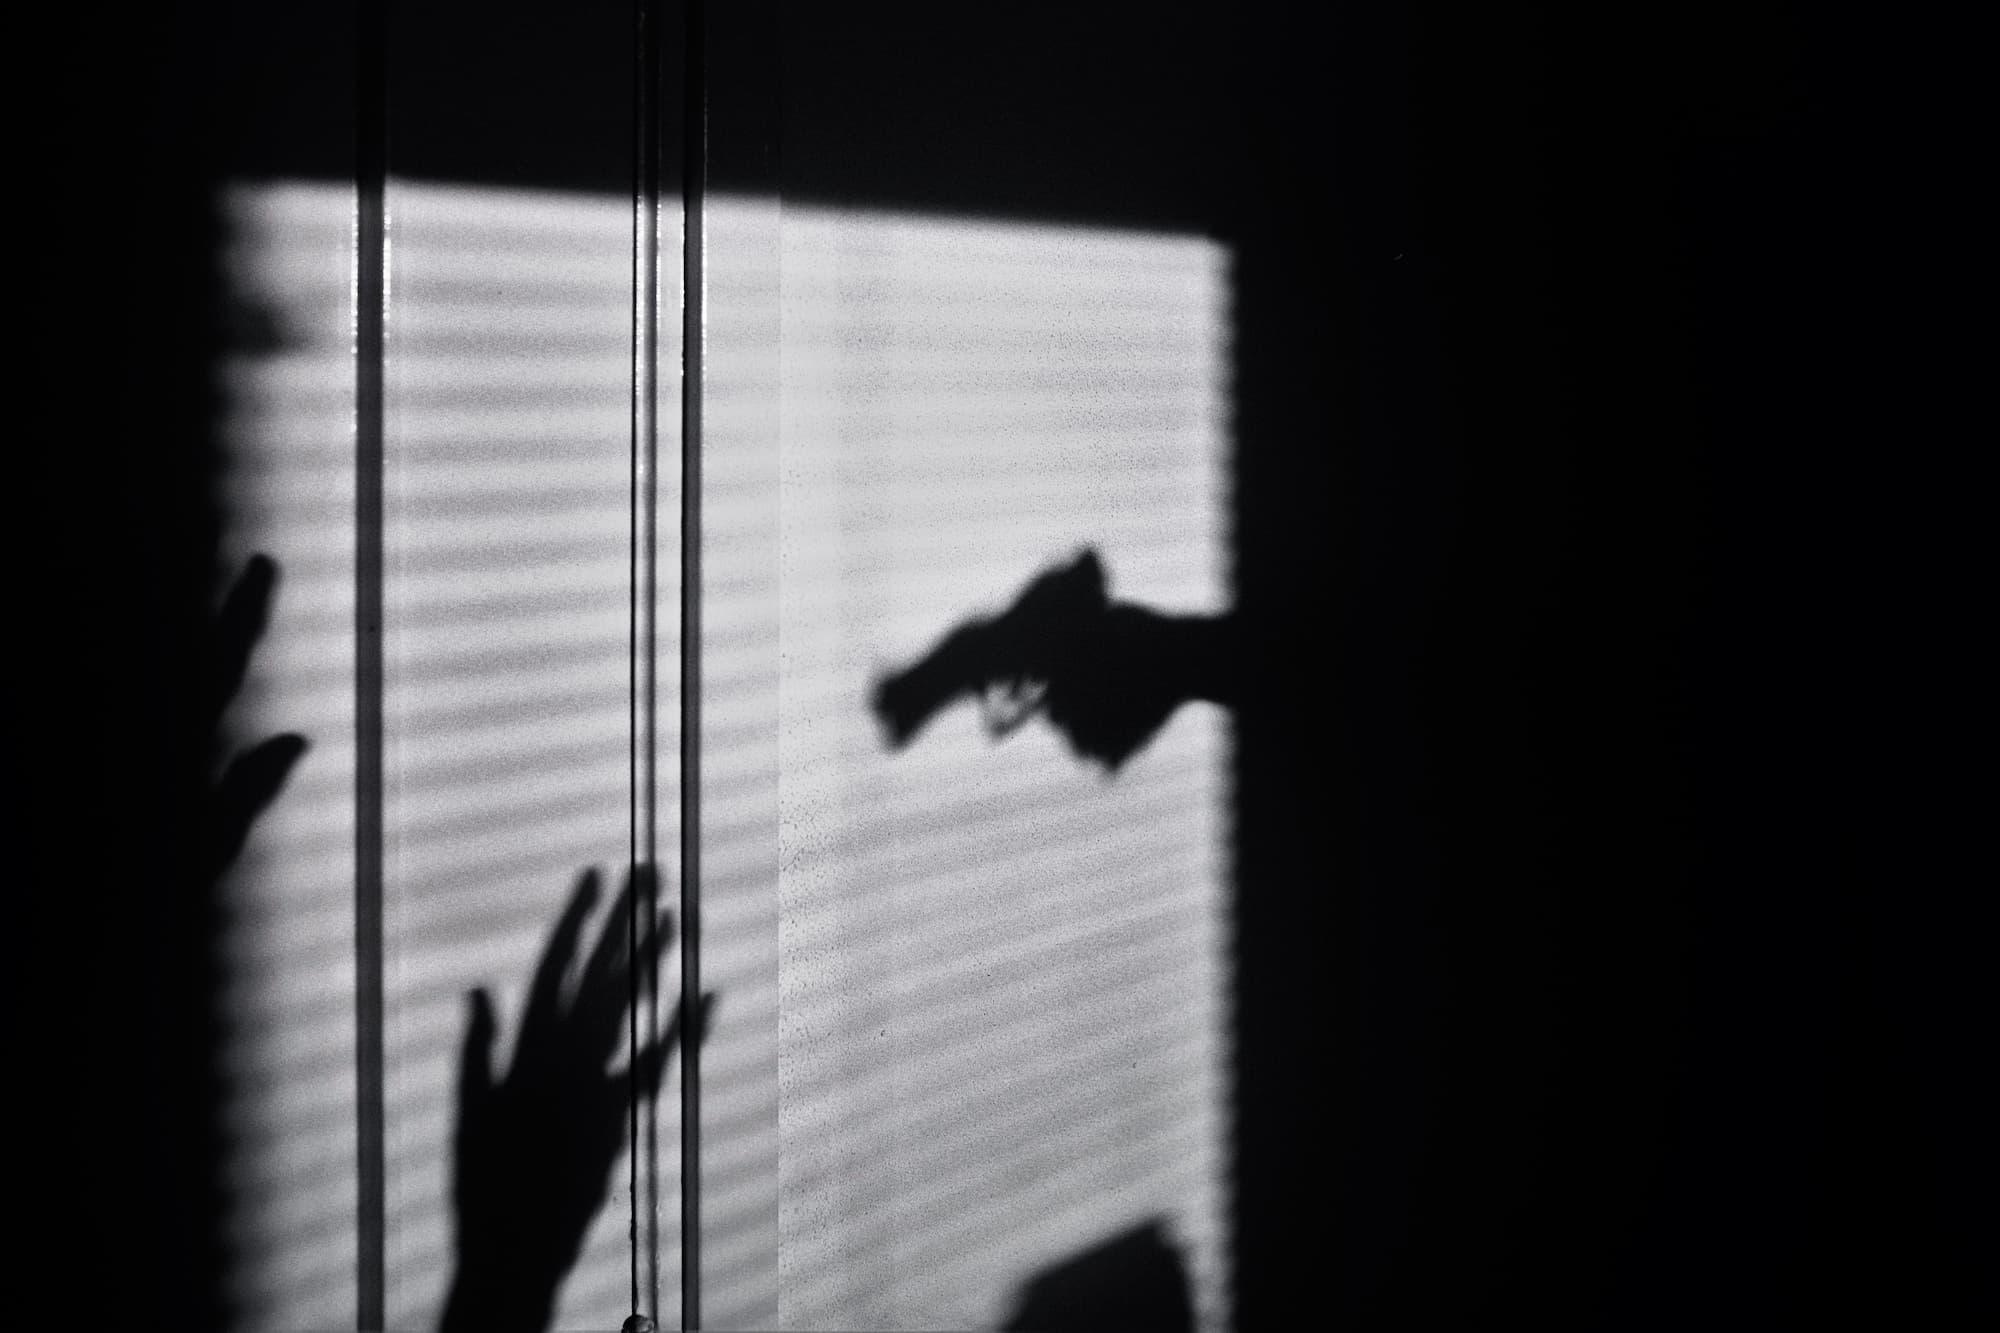 Gun, pistol, shooting, shot